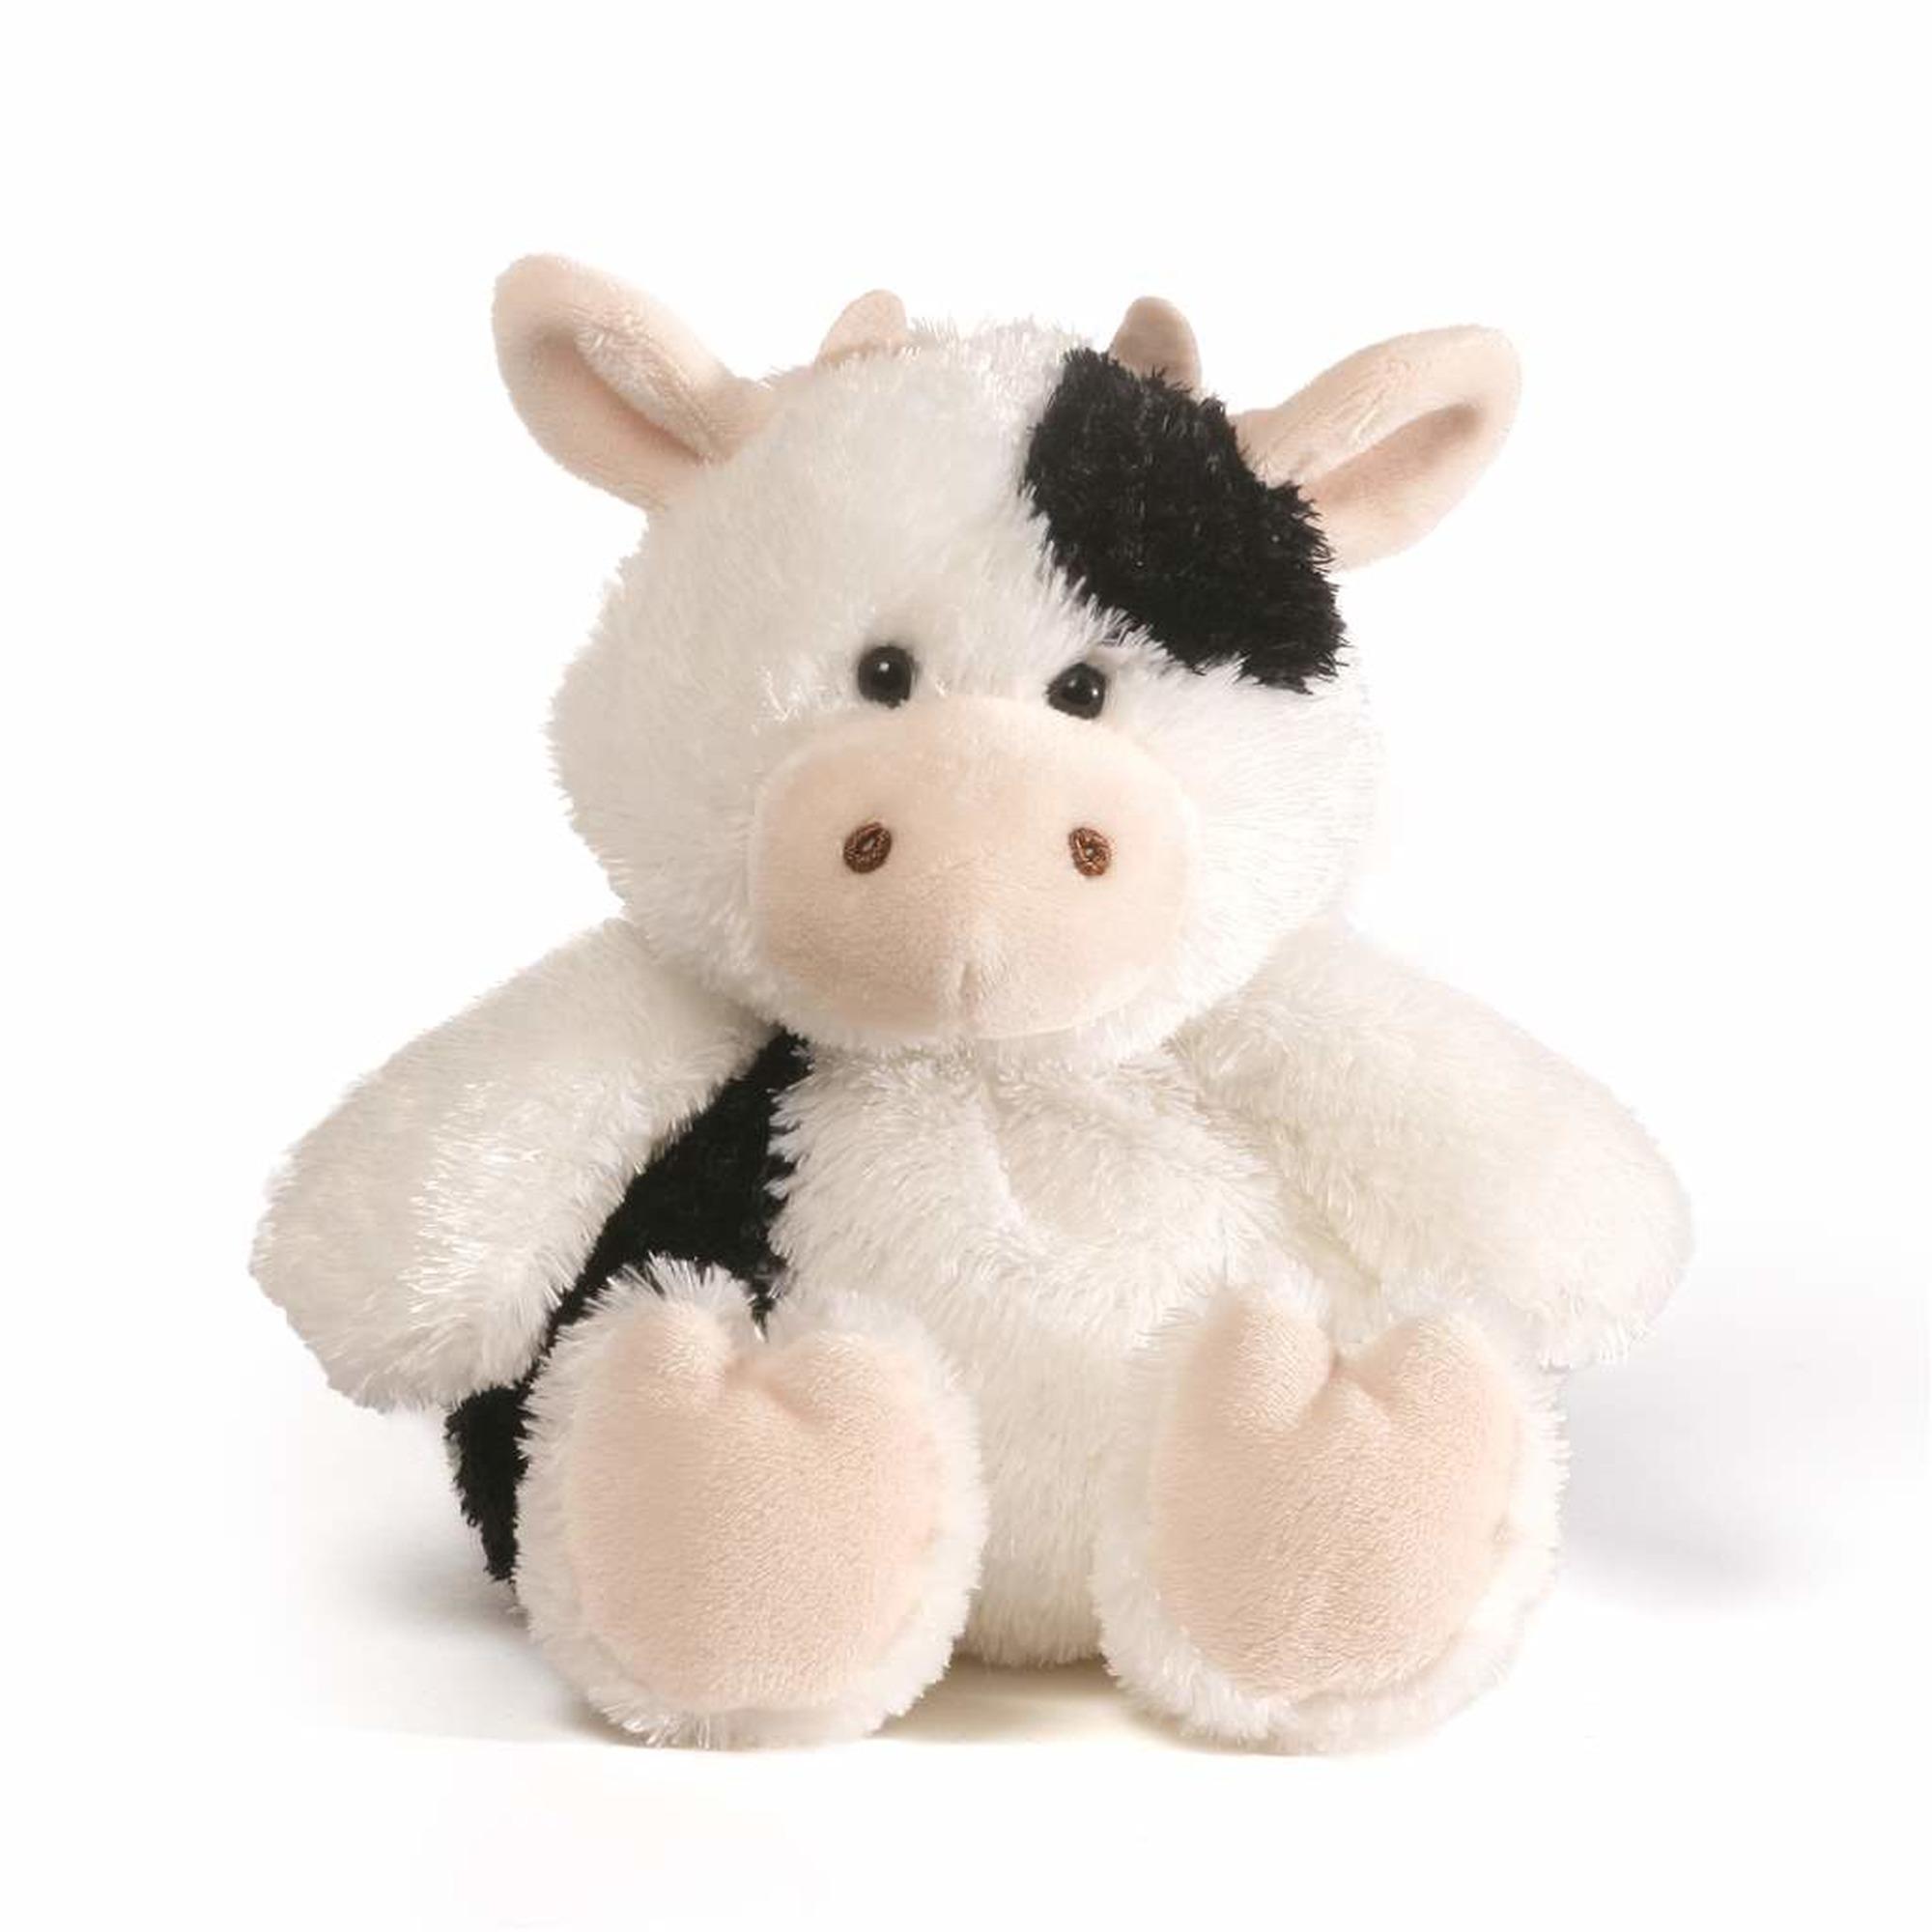 ecf4445a9d1a Gund Mini Chub Cow 9 Inches   Soft Toys Singapore